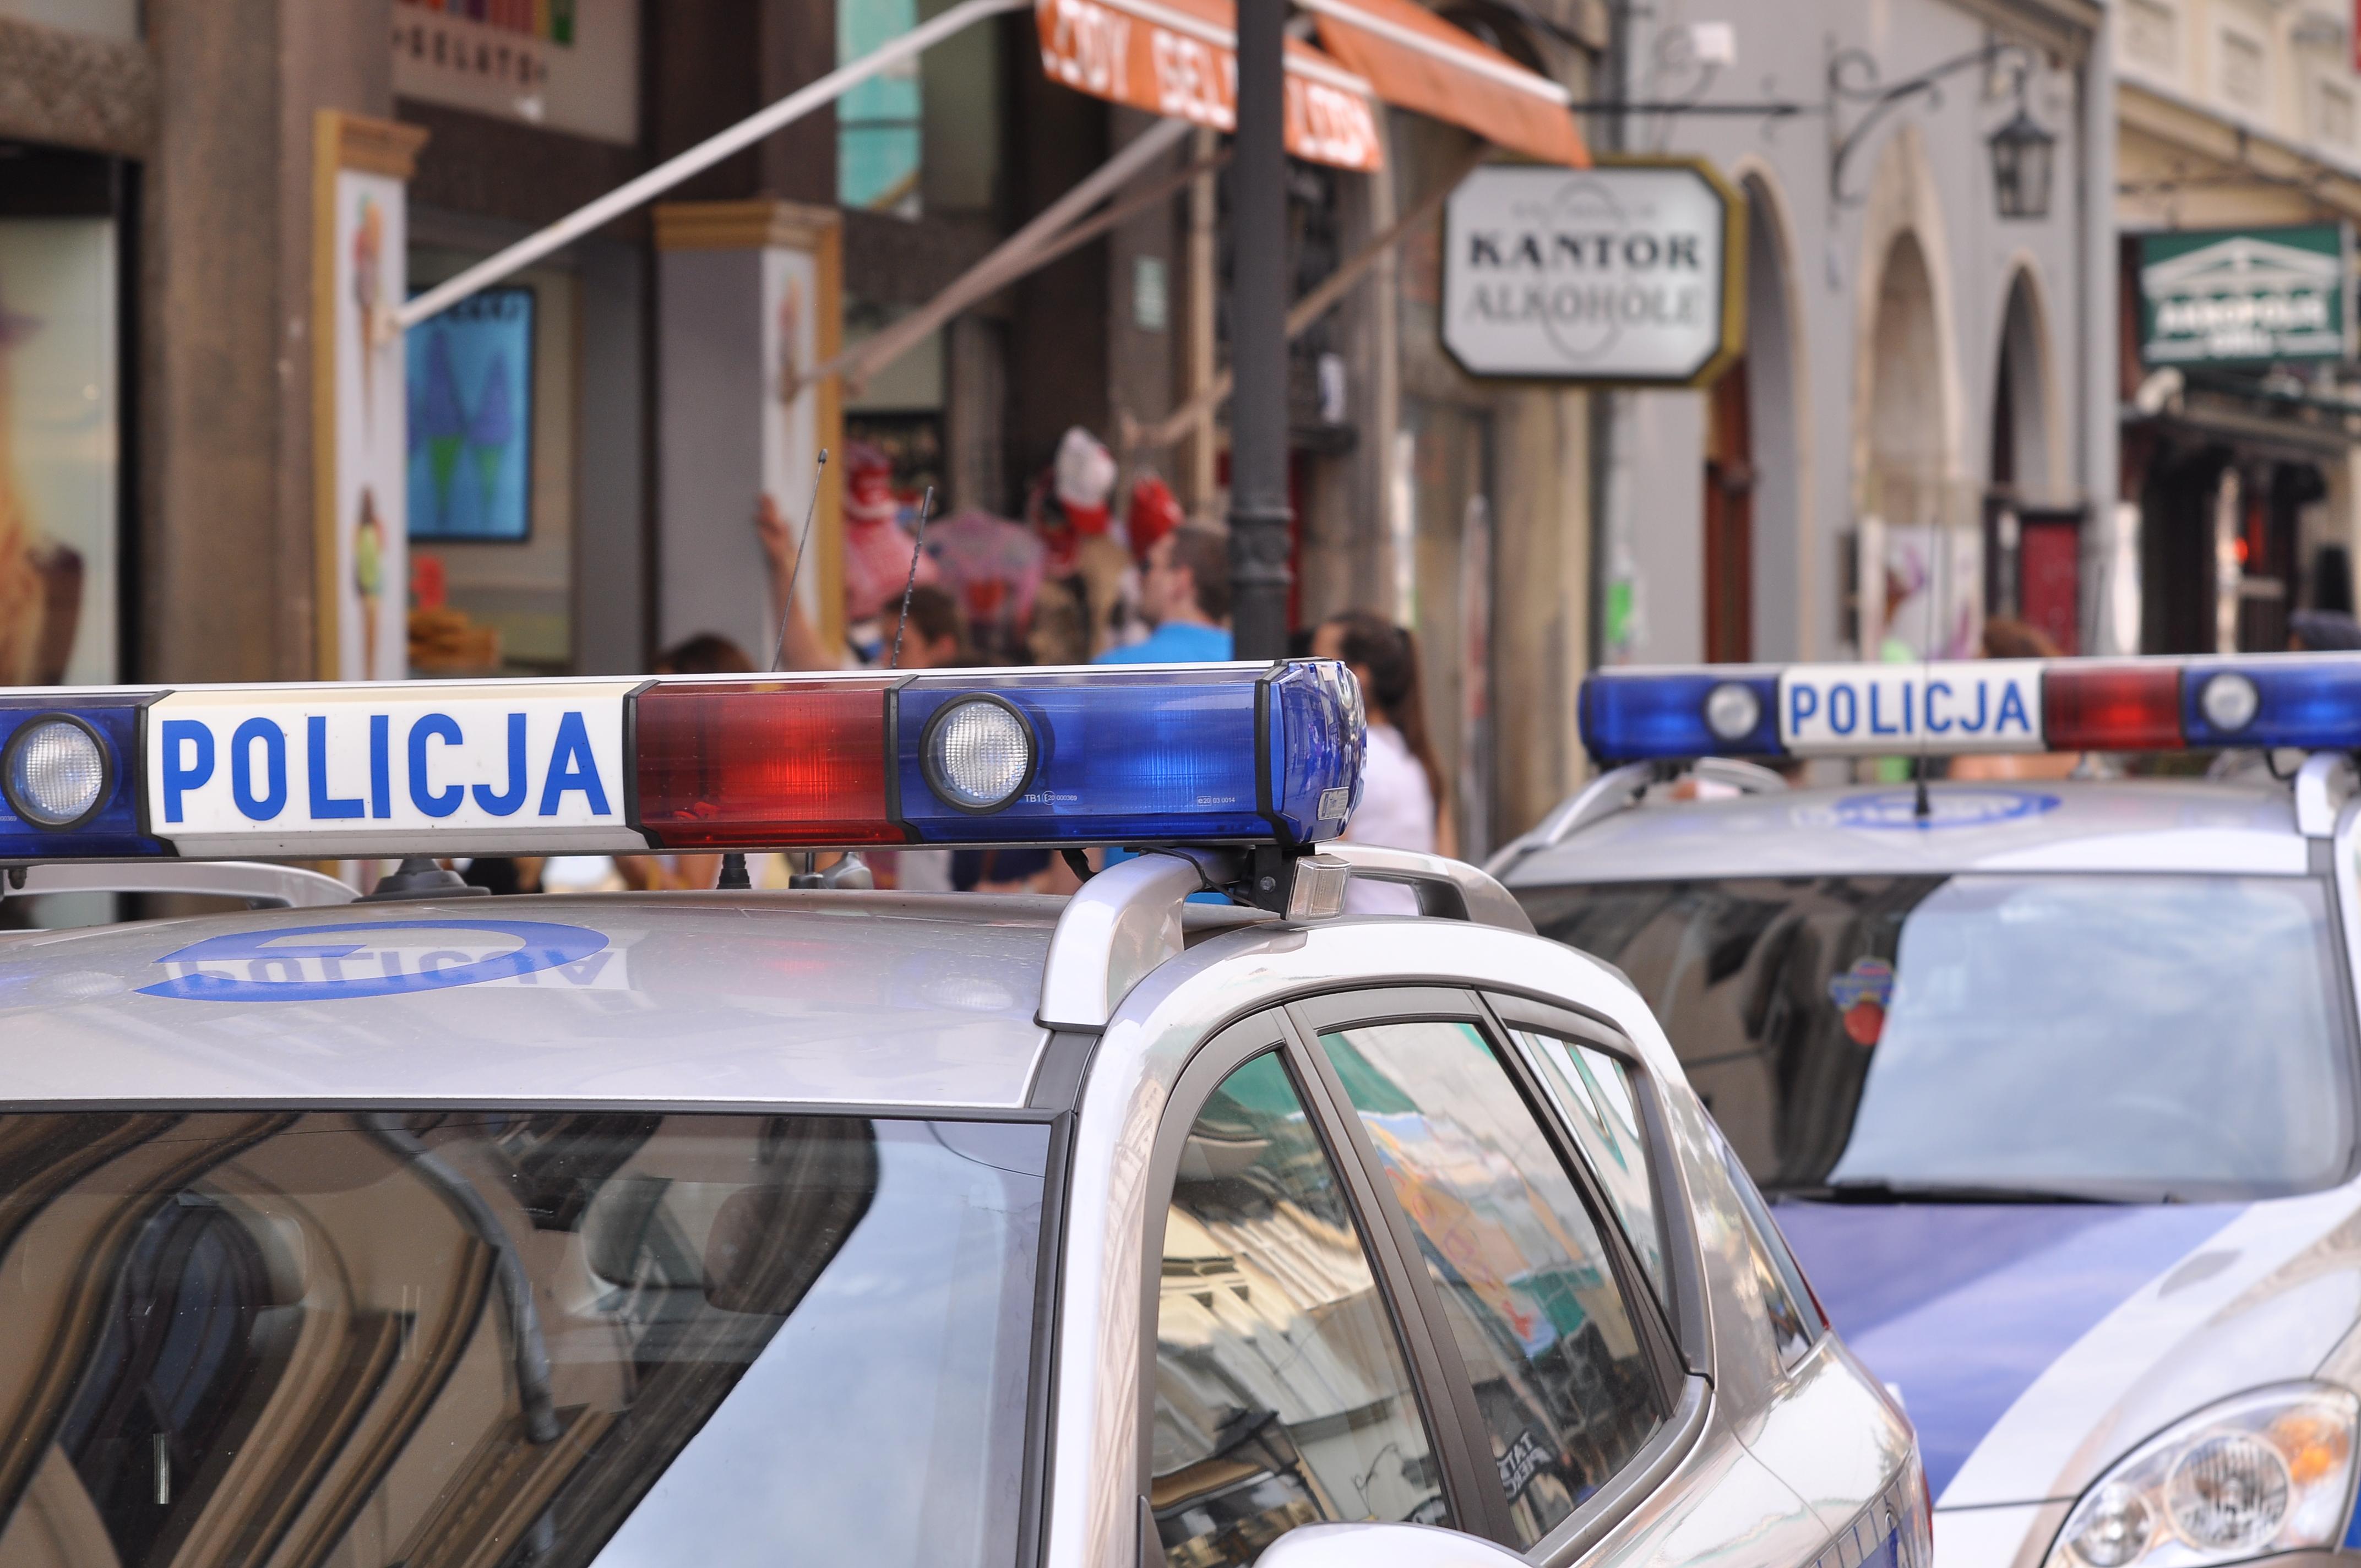 Krakowscy policjanci zabezpieczyli ponad 12 kilogramów amfetaminy